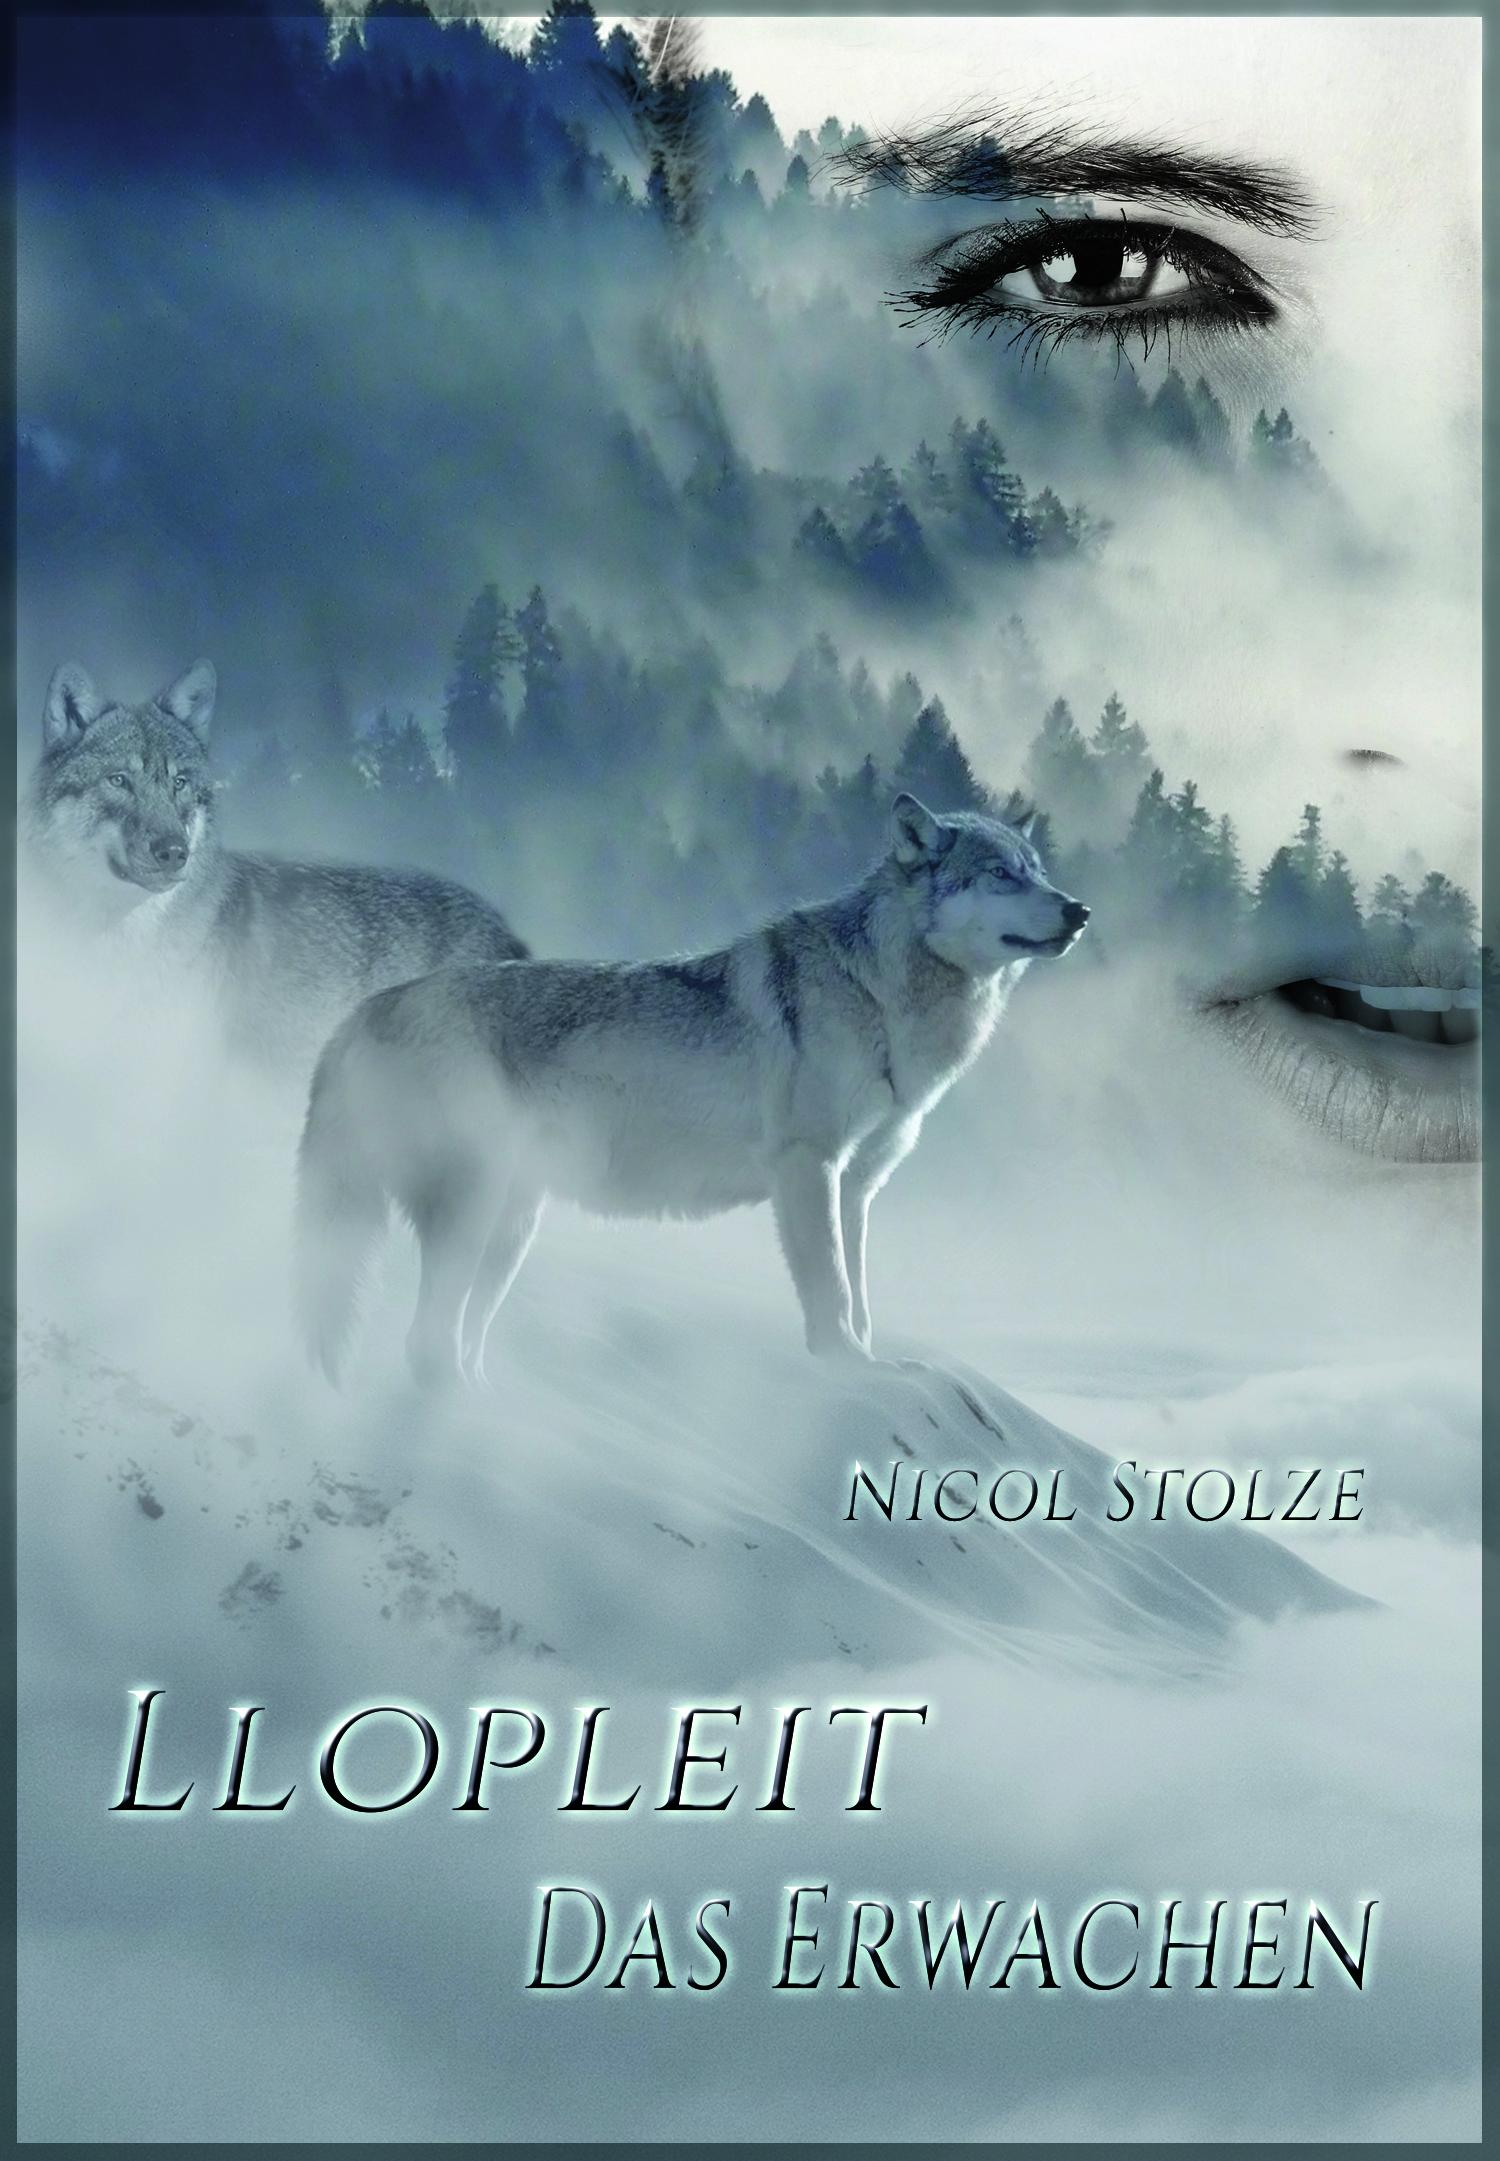 Llopleit Cover 1d